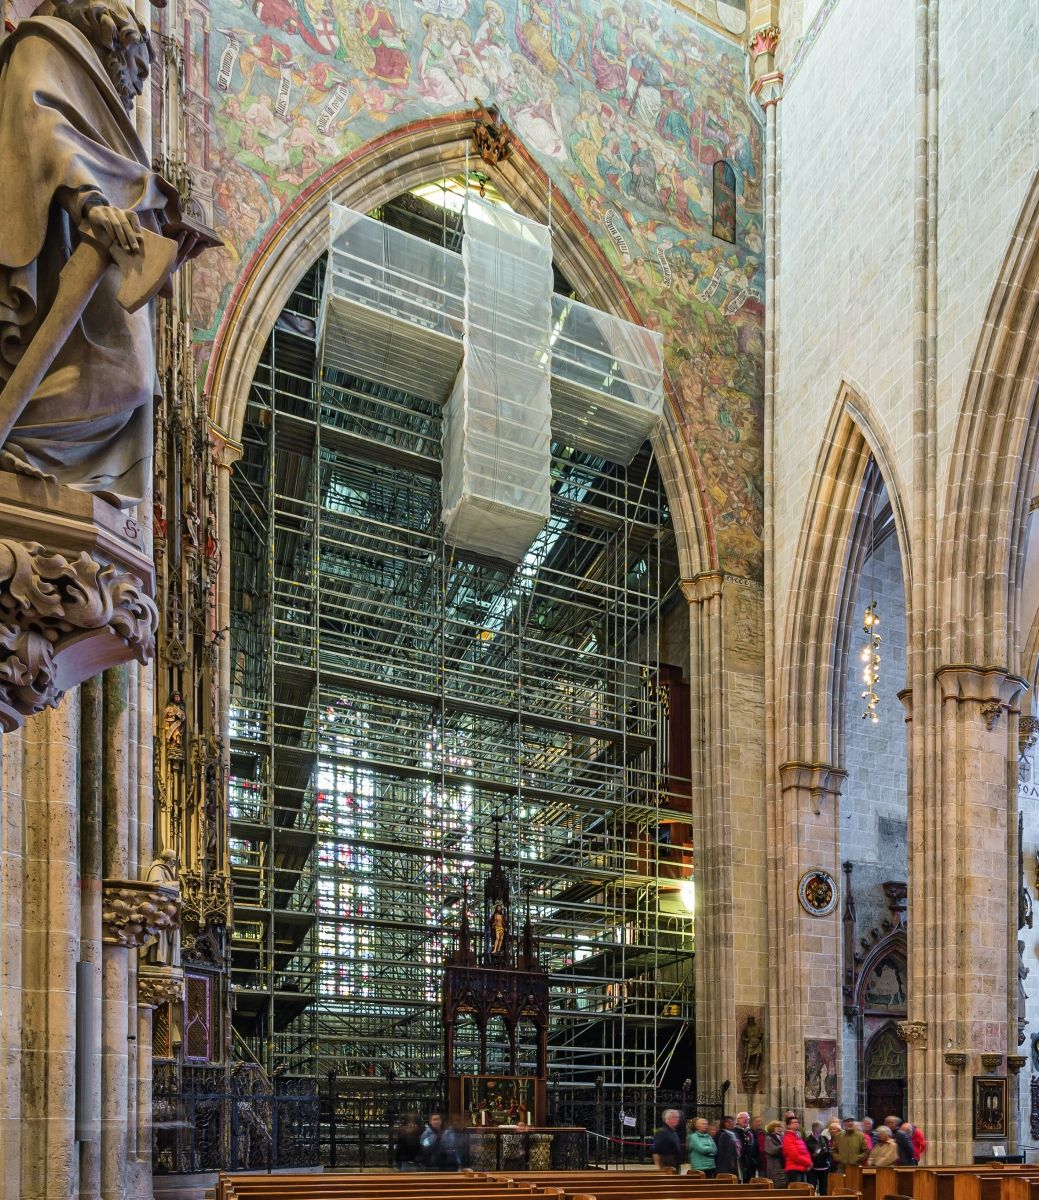 Der Chorraum des Ulmer Münsters ist 29 m lang, 15 m breit und 26 m hoch. Während der Sanierungsarbeiten ist er ein knappes Jahr lang für Besucher nicht zugänglich.